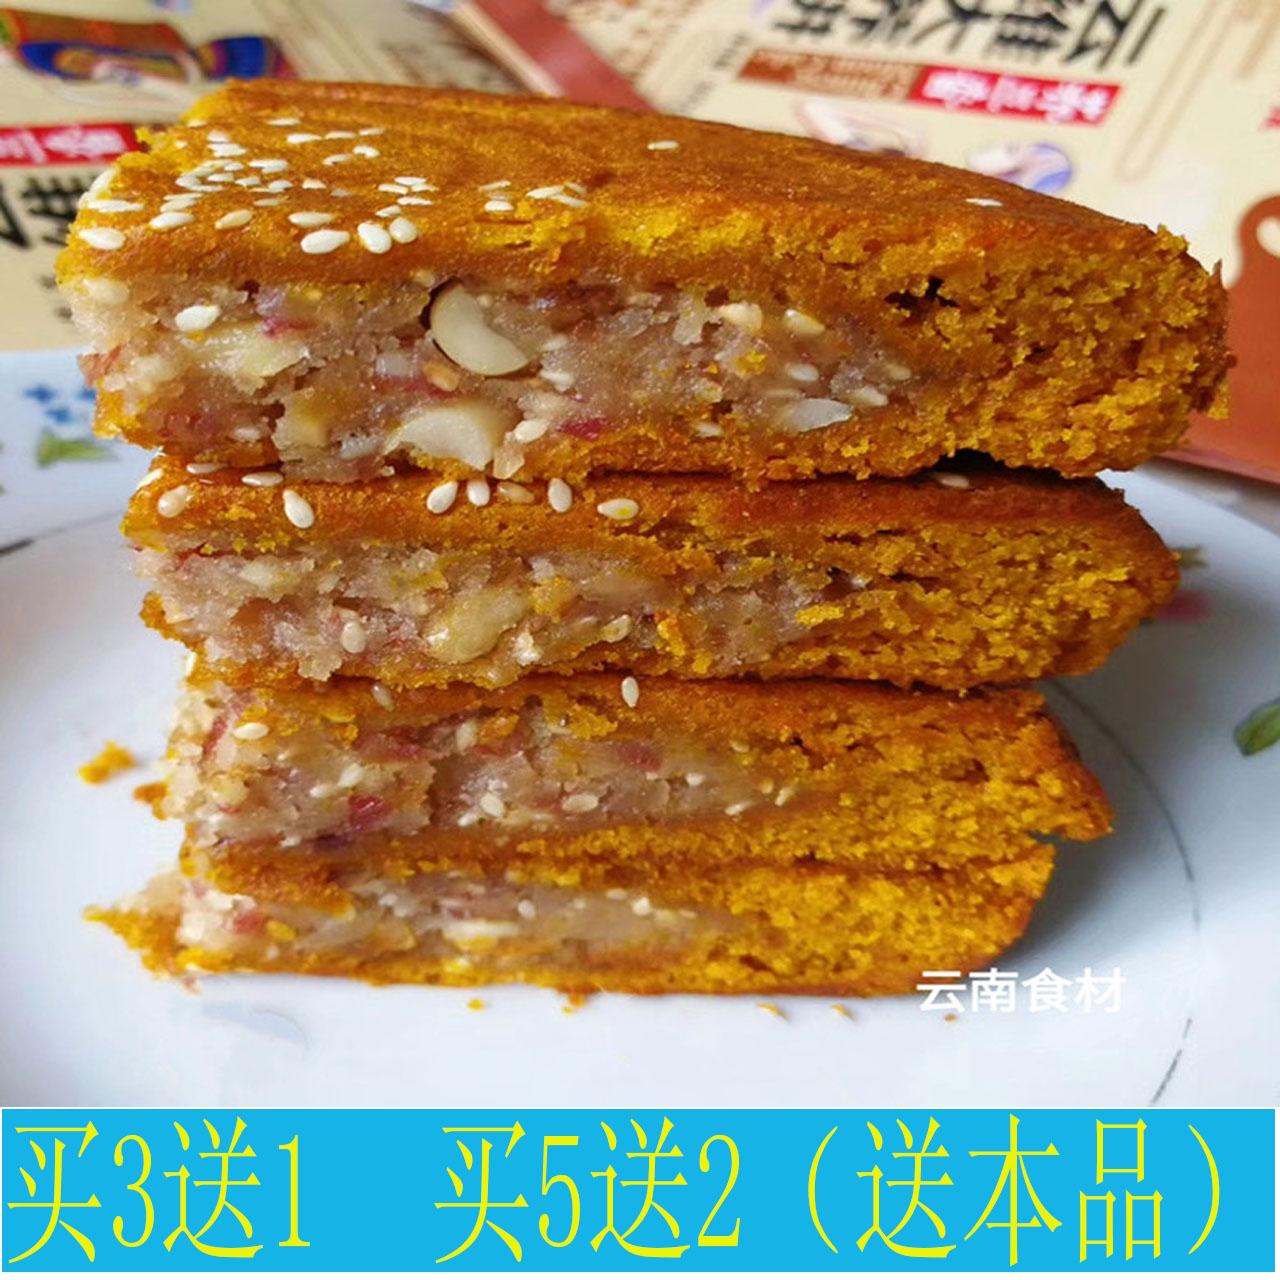 1袋包邮云南特产云维大荞饼大饼子荞三香月饼苦荞大粑粑荞饼300g